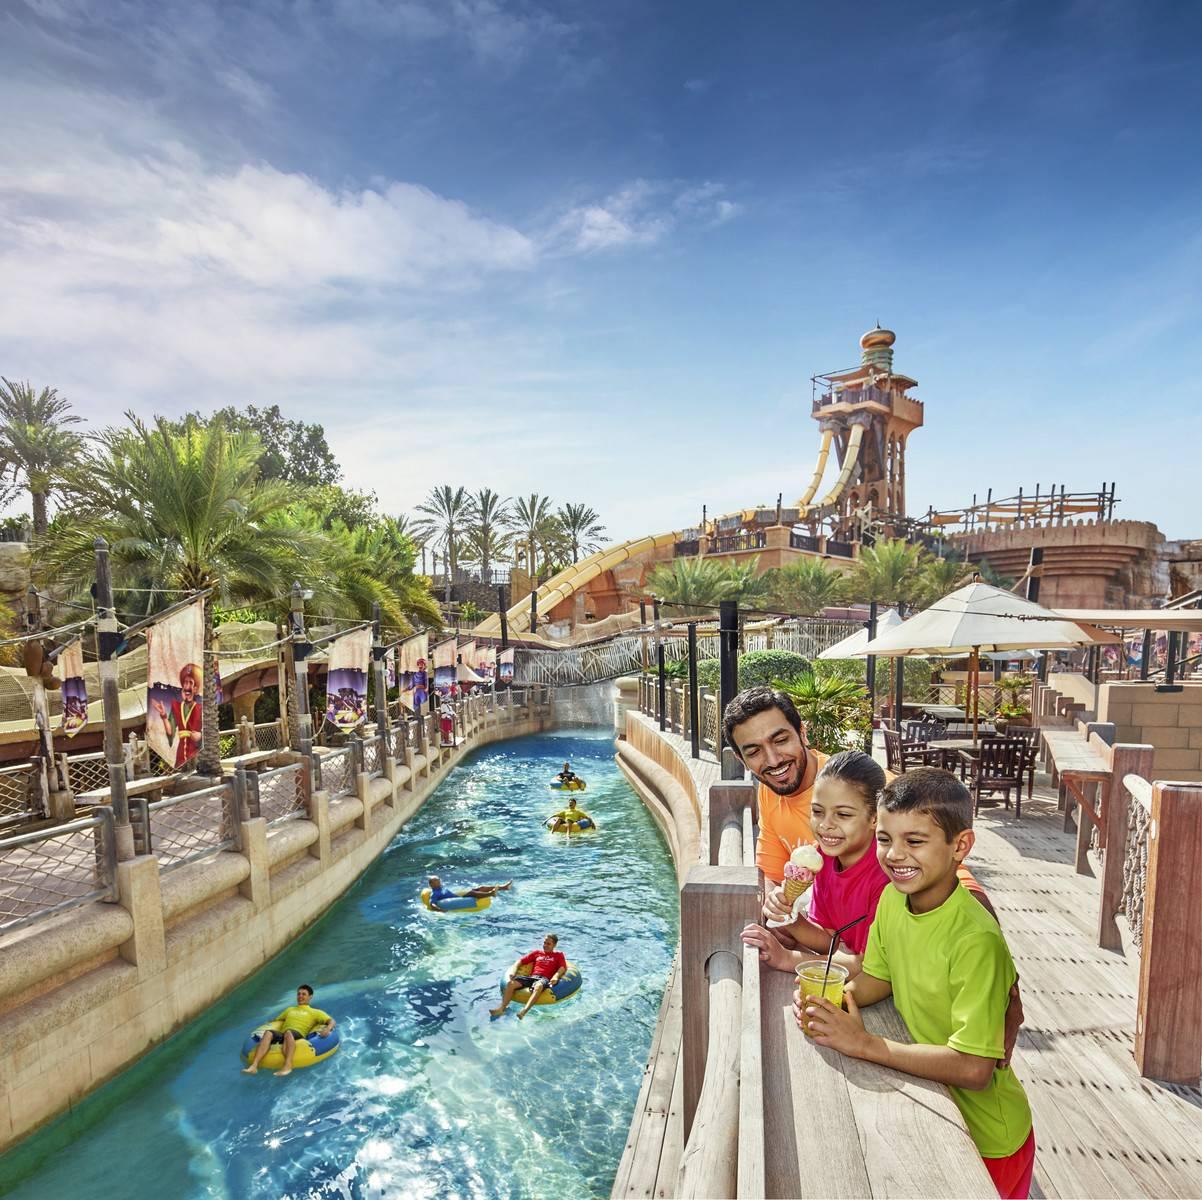 بالصور اماكن سياحية في دبي للعائلات , صور سياحية فى دبى للعلائلات 5584 4